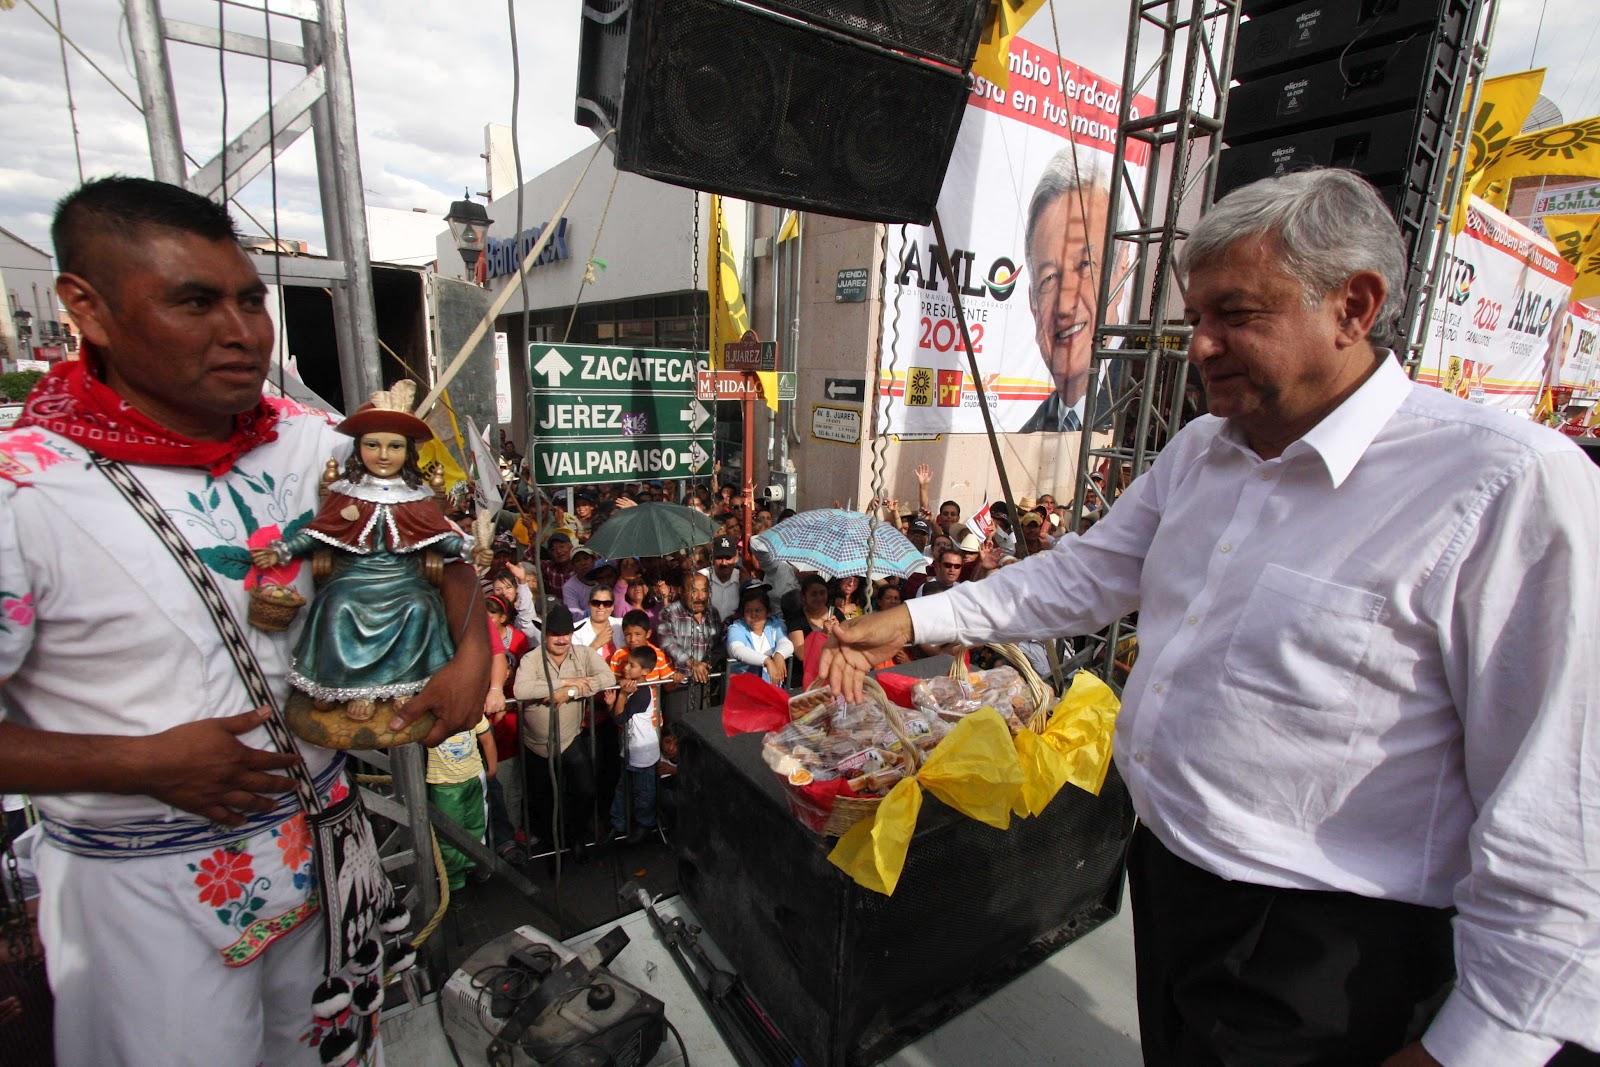 http://1.bp.blogspot.com/-ZIvL9Tx85Es/T4eM3h3qYVI/AAAAAAAAQJc/8h2Wcg4PzqI/s1600/Fresnillo+Zacatecas+%2813%29.JPG